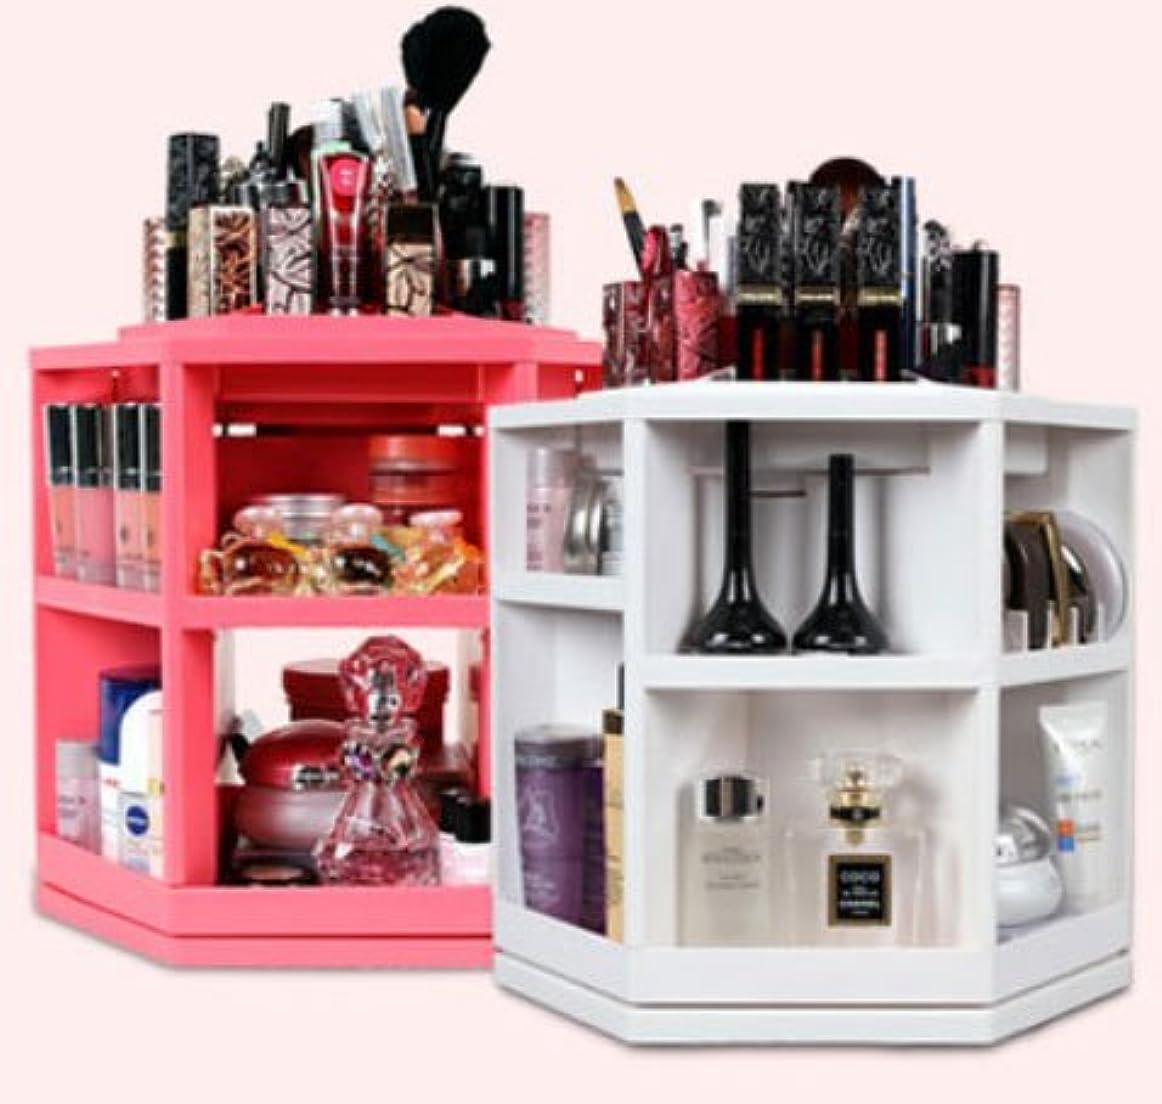 リビジョンテナント司書コスメ ボックス,化粧品 収納、楽、簡単、回転する化粧品収納整理台、ピンク色